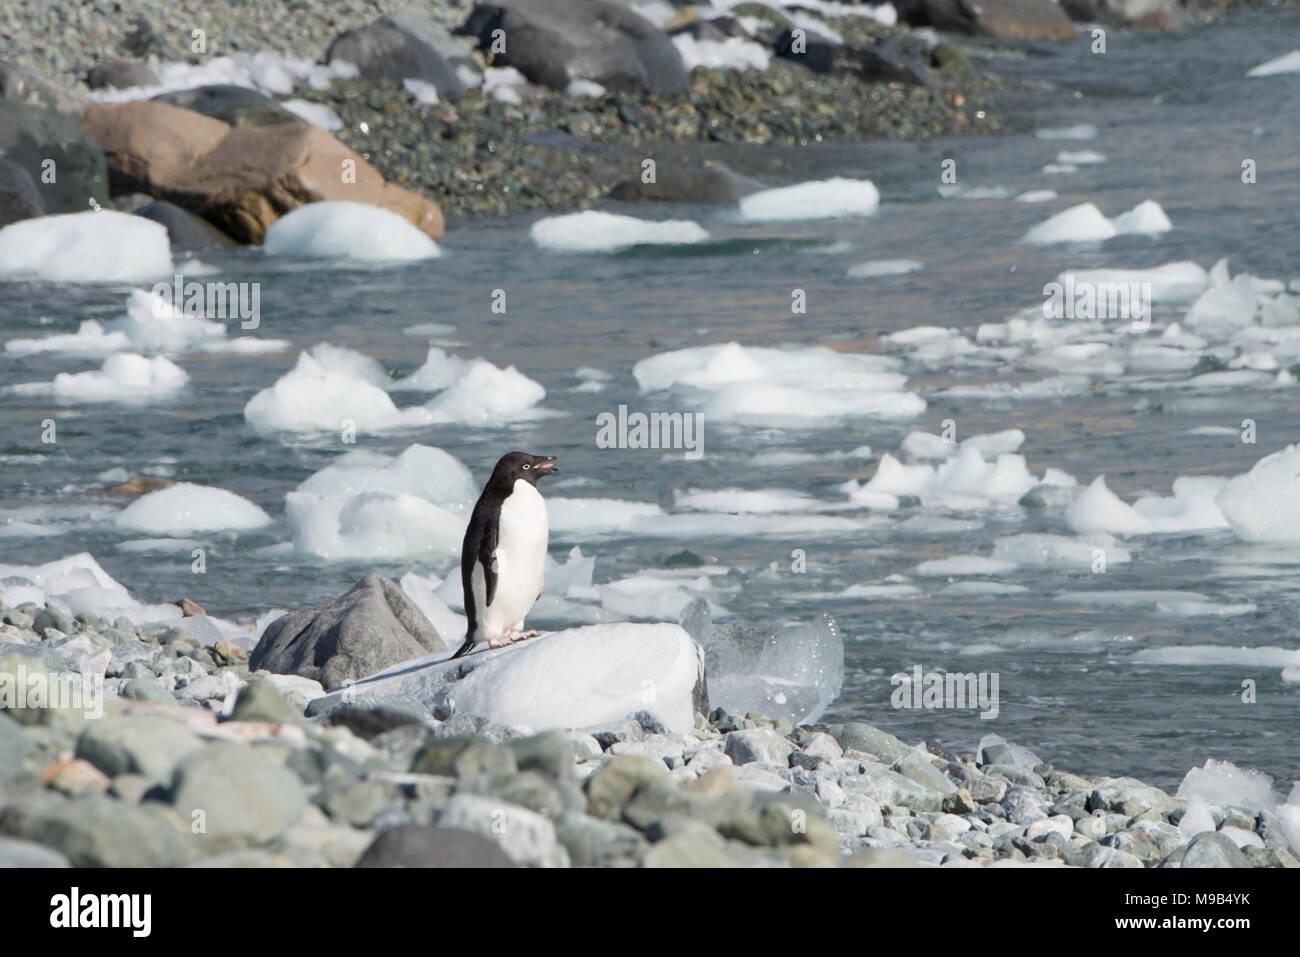 Eine Adelie Penguin (Pygoscelis adeliae) steht auf einem Felsen in der Antarktis Stockbild